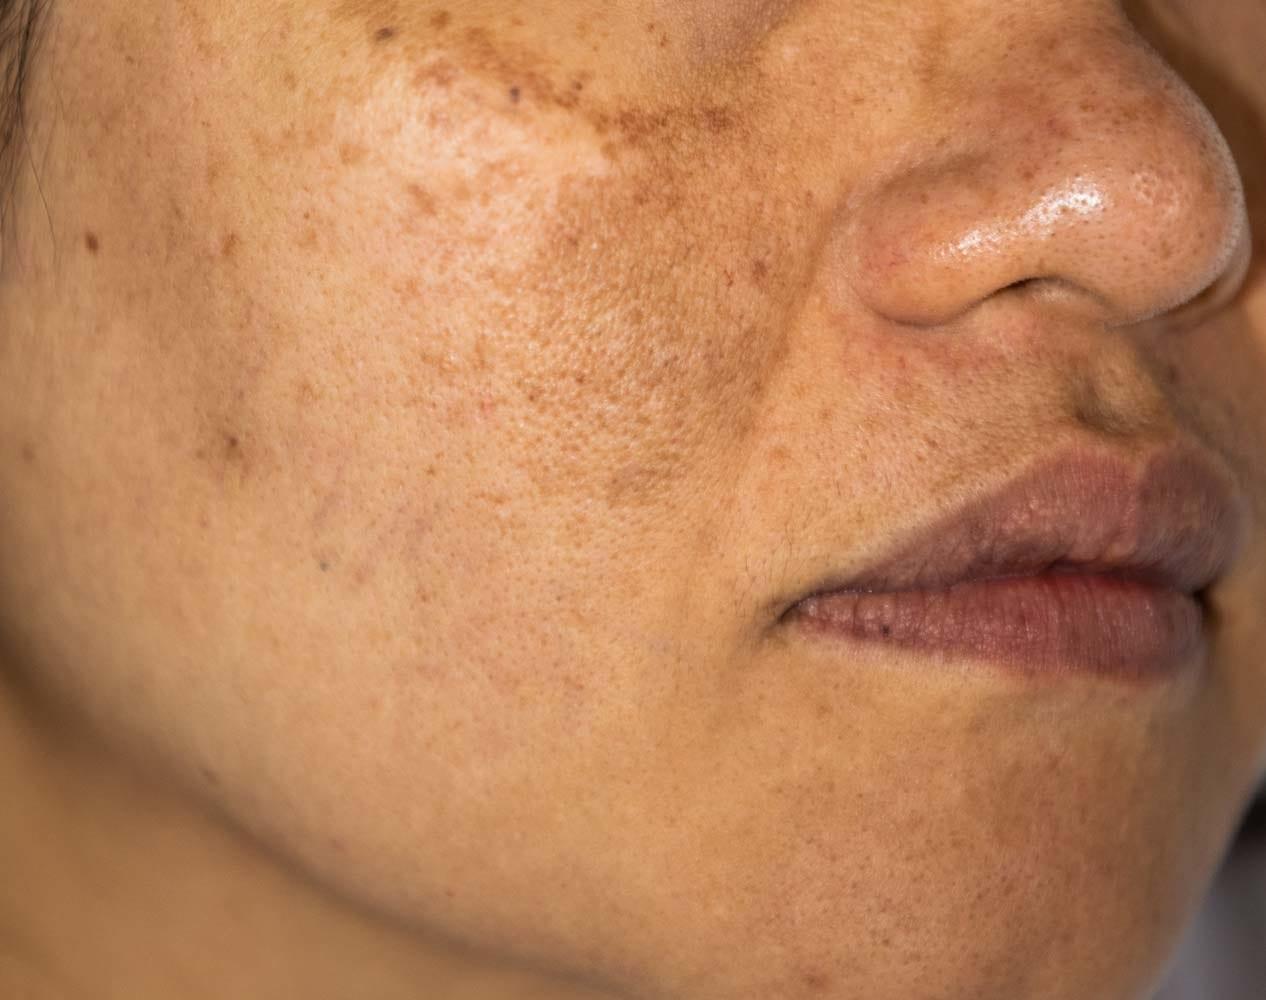 Trikwan - Hyperpigmentation